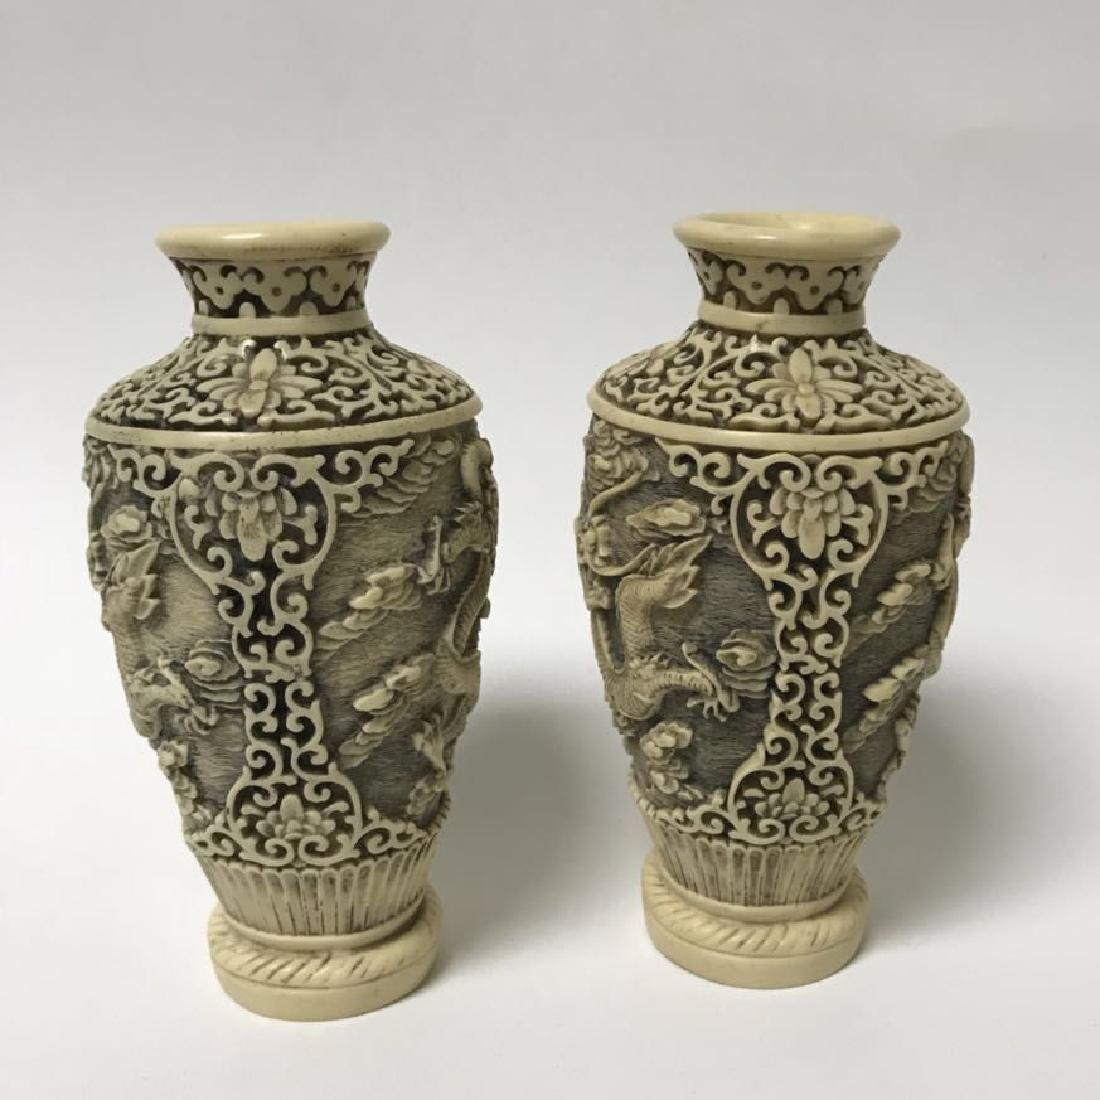 Blue and white Vase and Bone Style Vase - 7